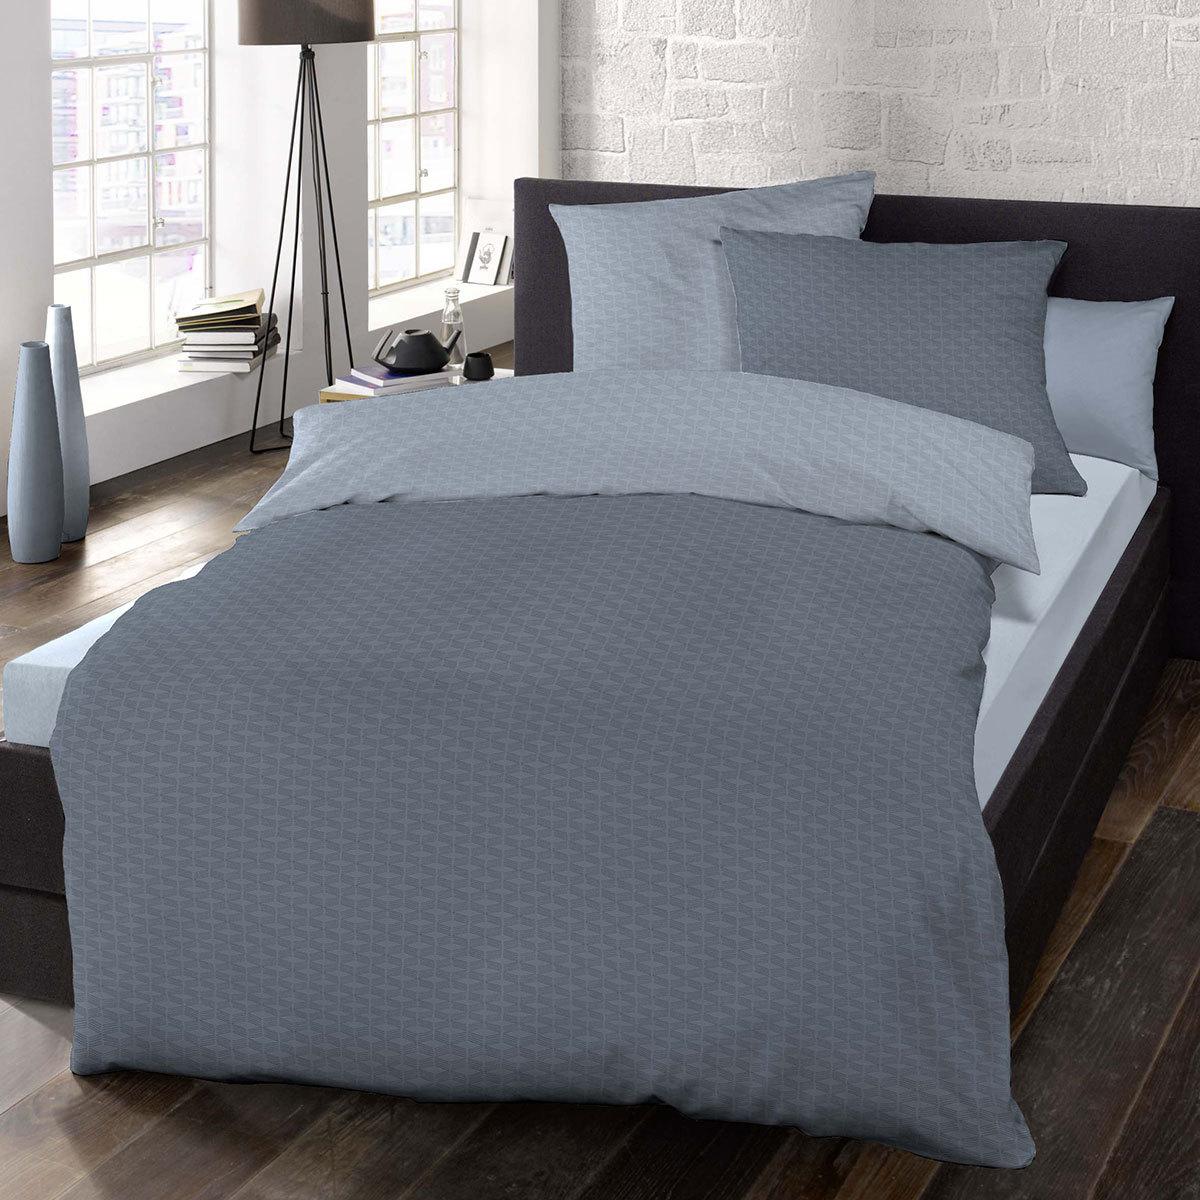 mako satin bettw sche 155x220 blau preisvergleich die besten angebote online kaufen. Black Bedroom Furniture Sets. Home Design Ideas